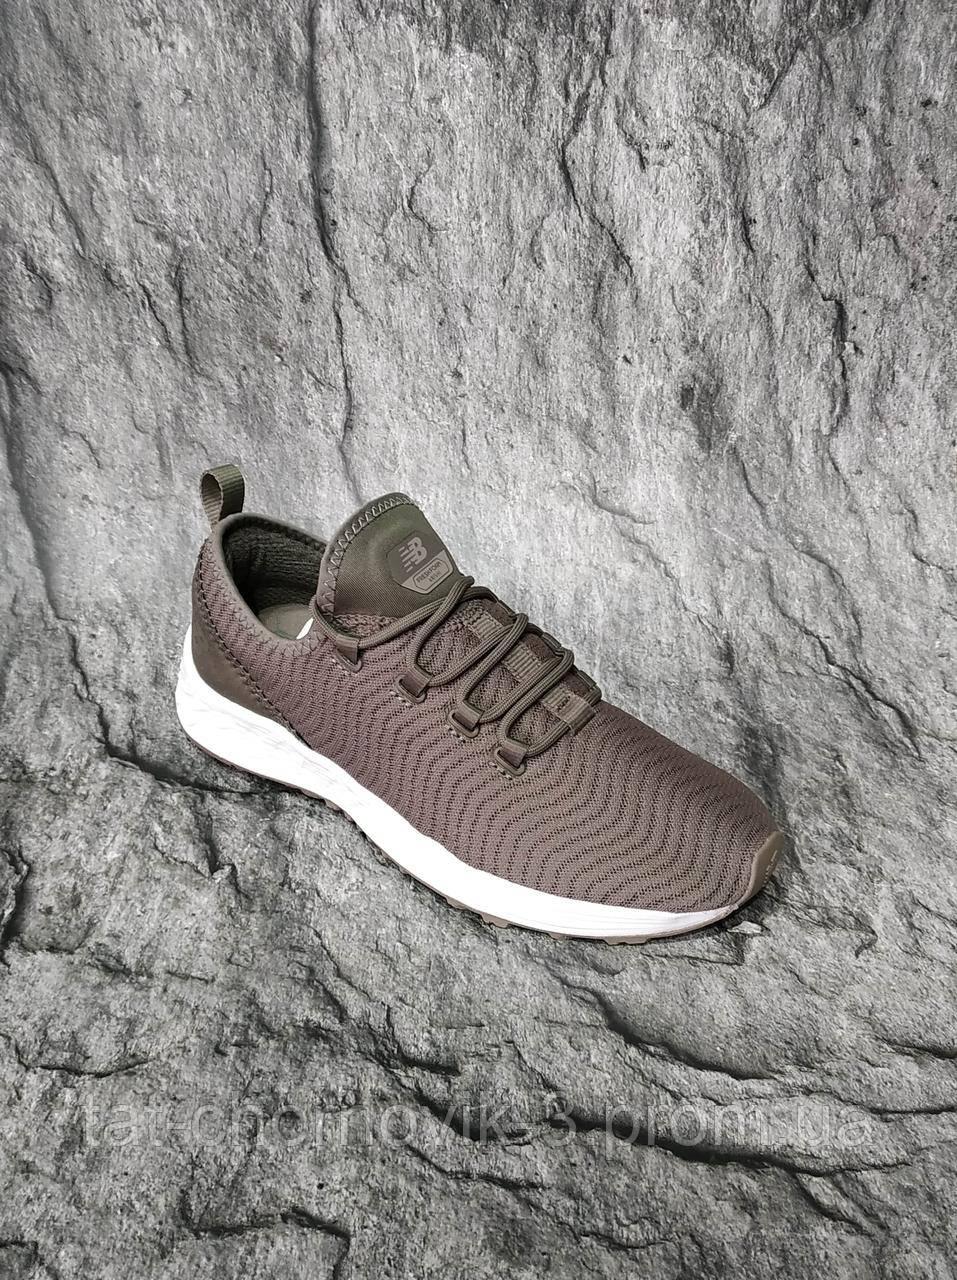 Мужские кроссовки New Balance Men's Arishi v1 Fresh Foam Running Shoe